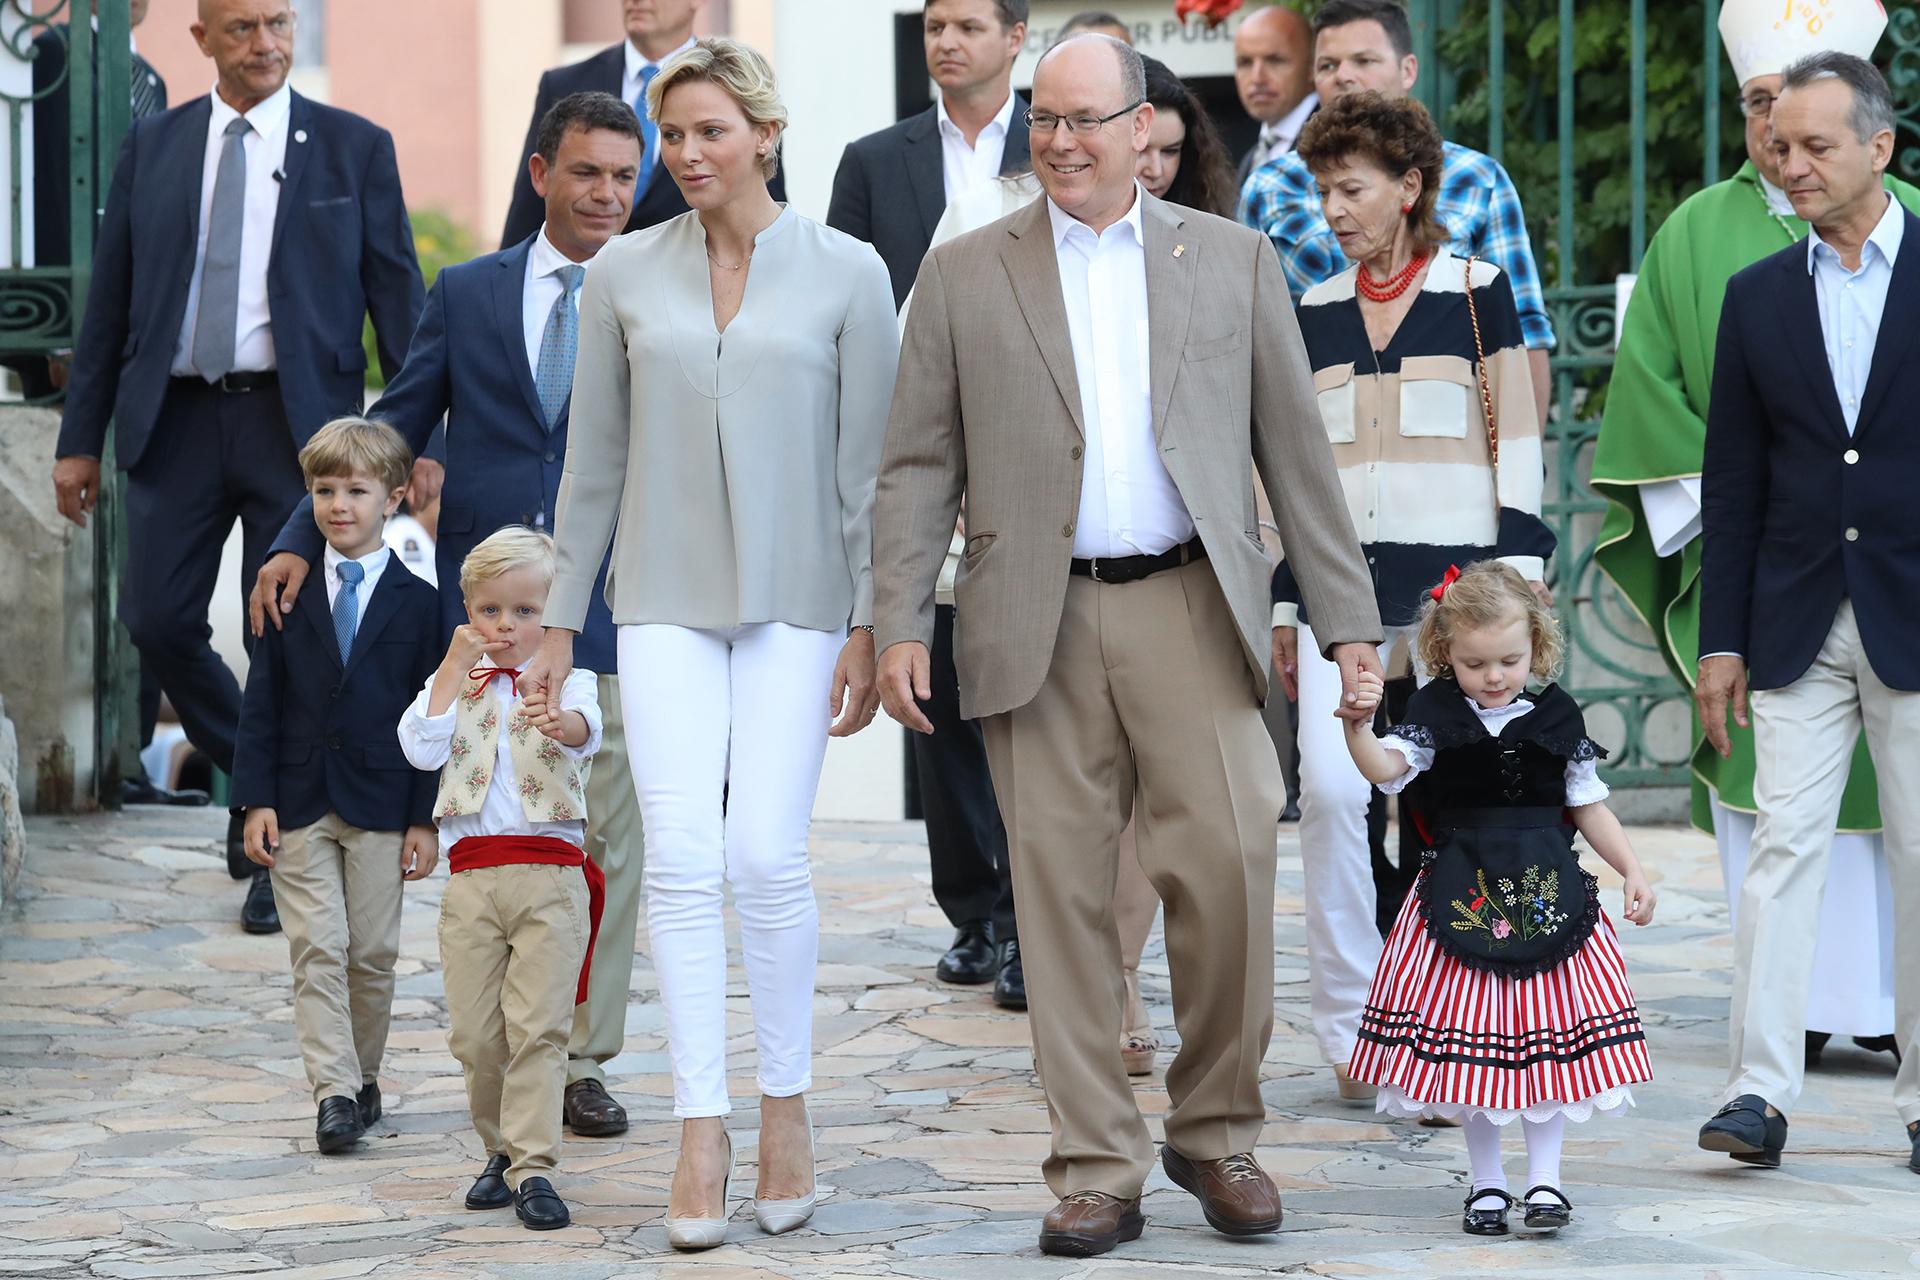 El evento se celebra todos los años en el parque de la princesa Antonieta y es organizado por el Ayuntamiento de Mónaco